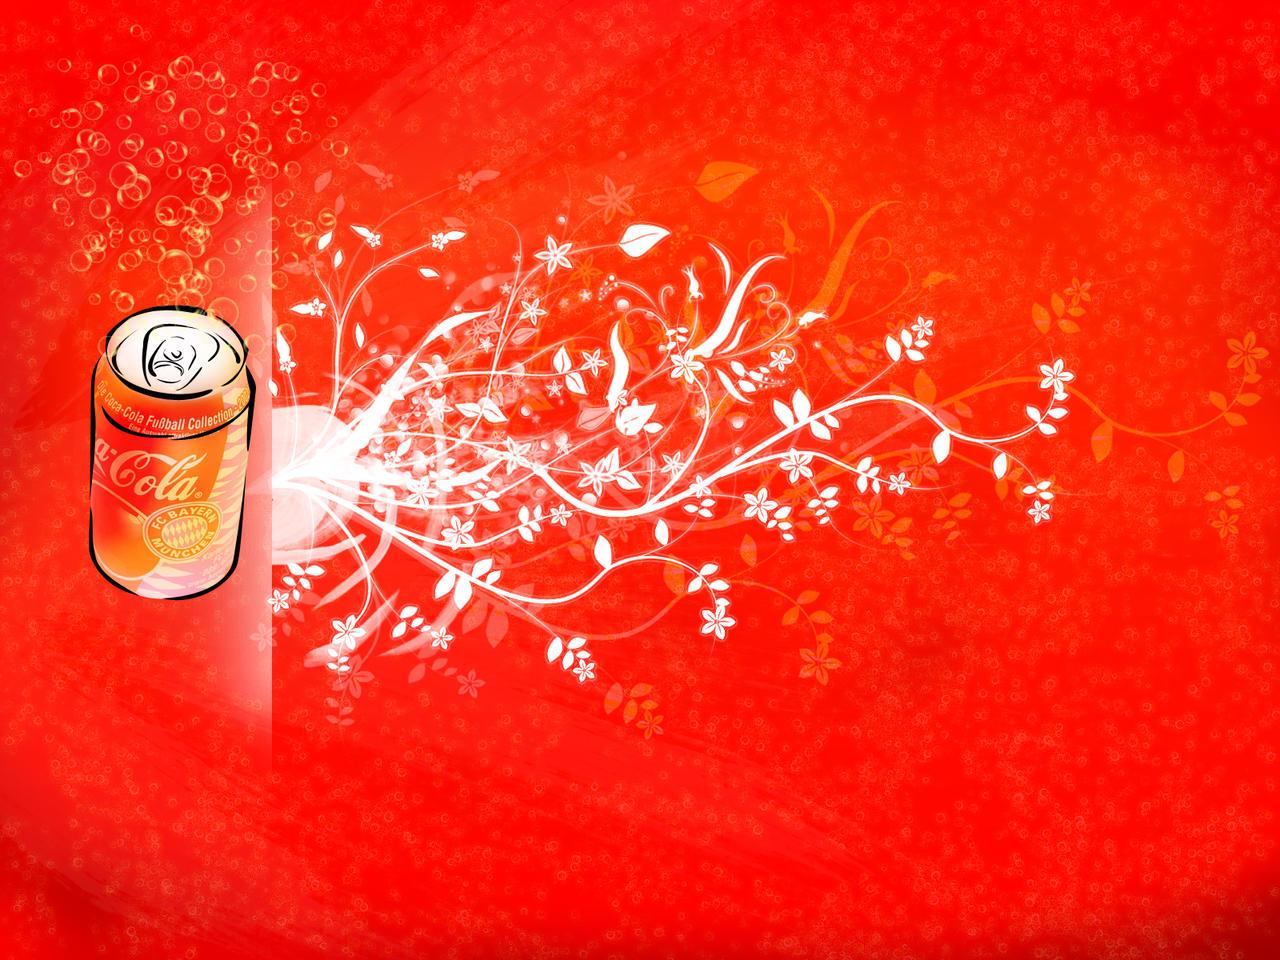 Coke Burst by choppre